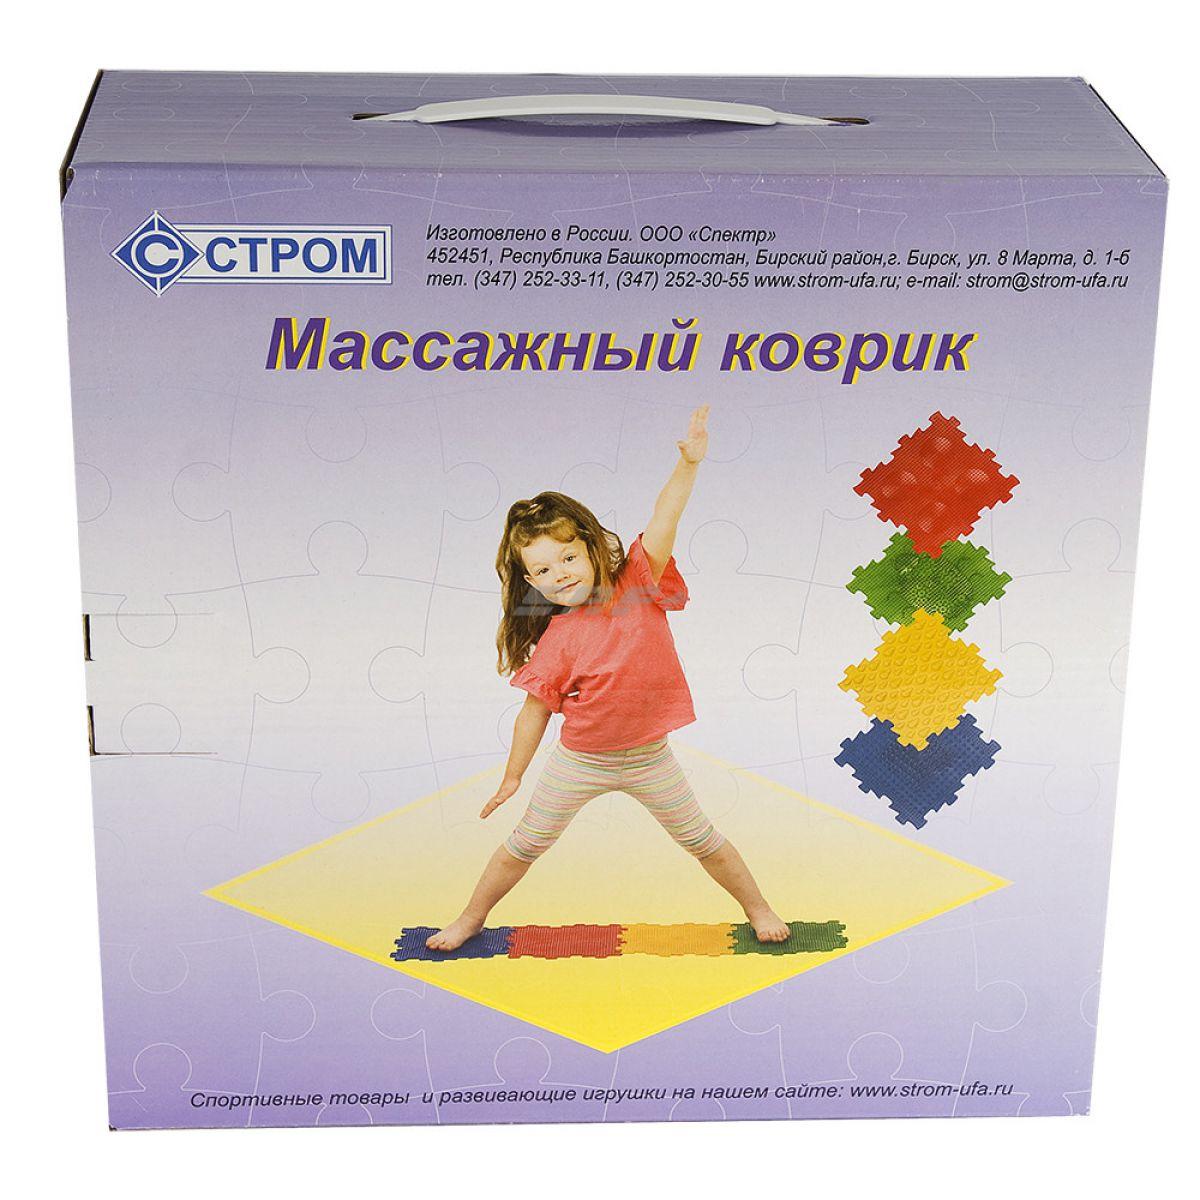 Коврик массажный детский, арт. У965, 4 модуля (24,5*24,5*1,4см), мультиколор